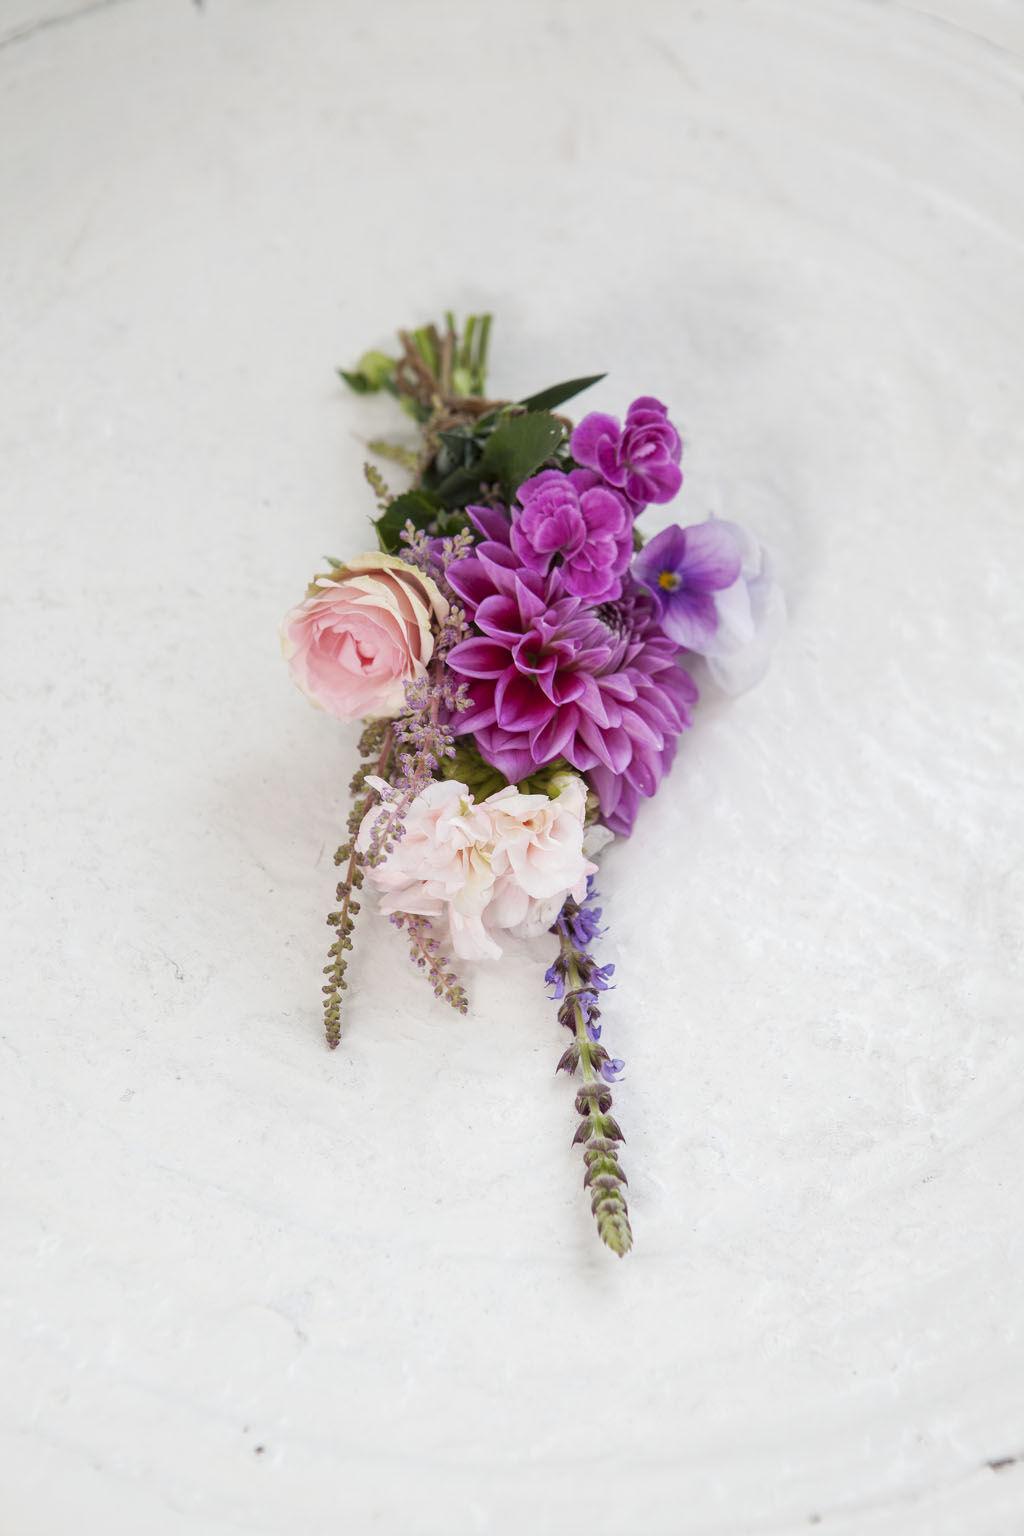 legg 7 slag blomster under hodeputen natt til sankthansaften